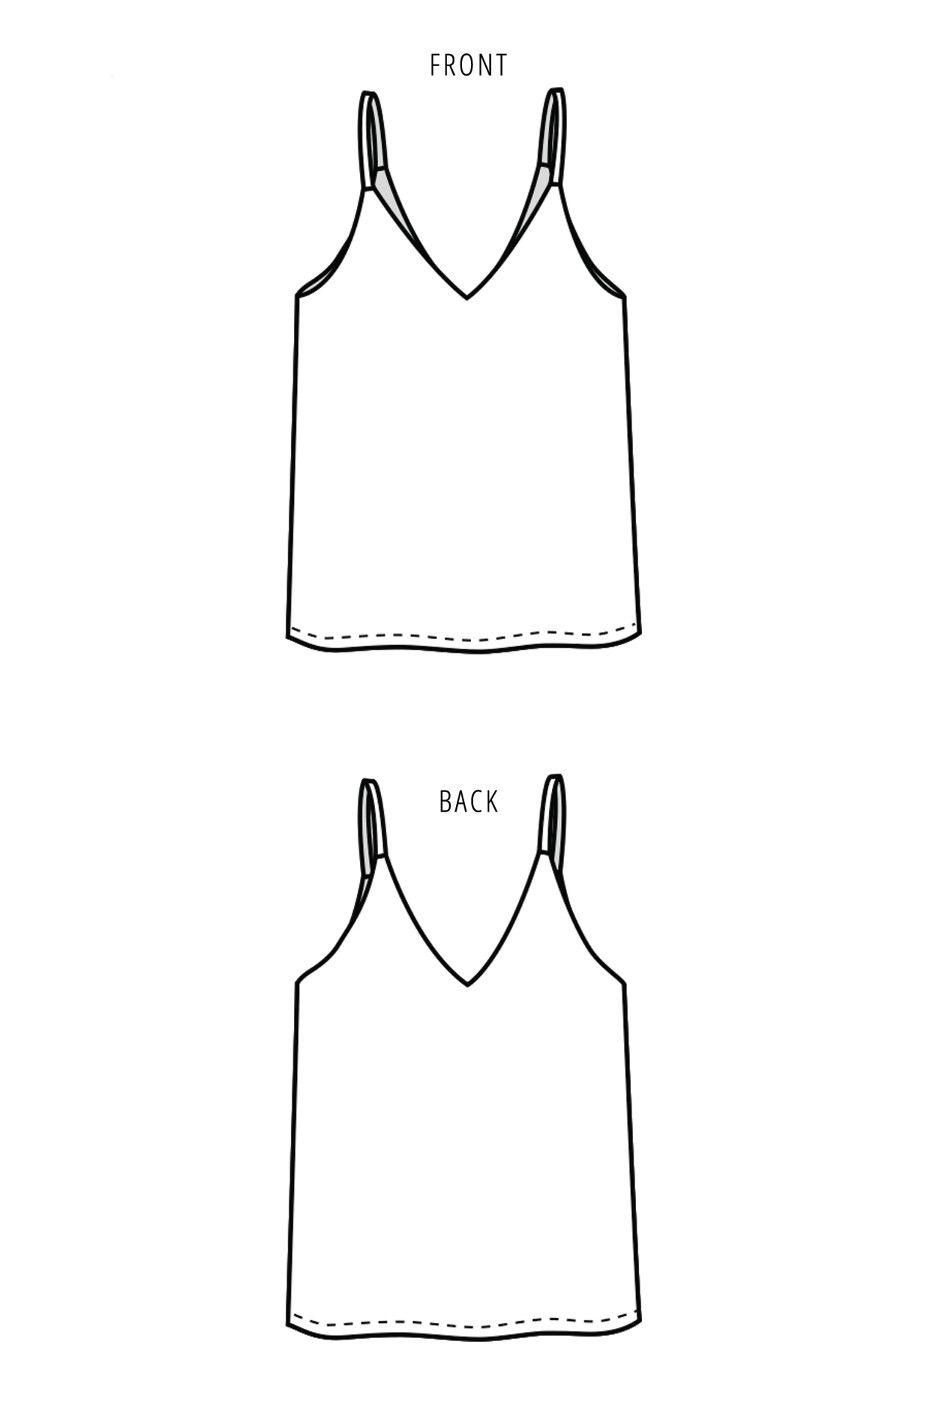 Ogden Cami Sewing Pattern by True Bias | Irgendwann, Nadel und ...